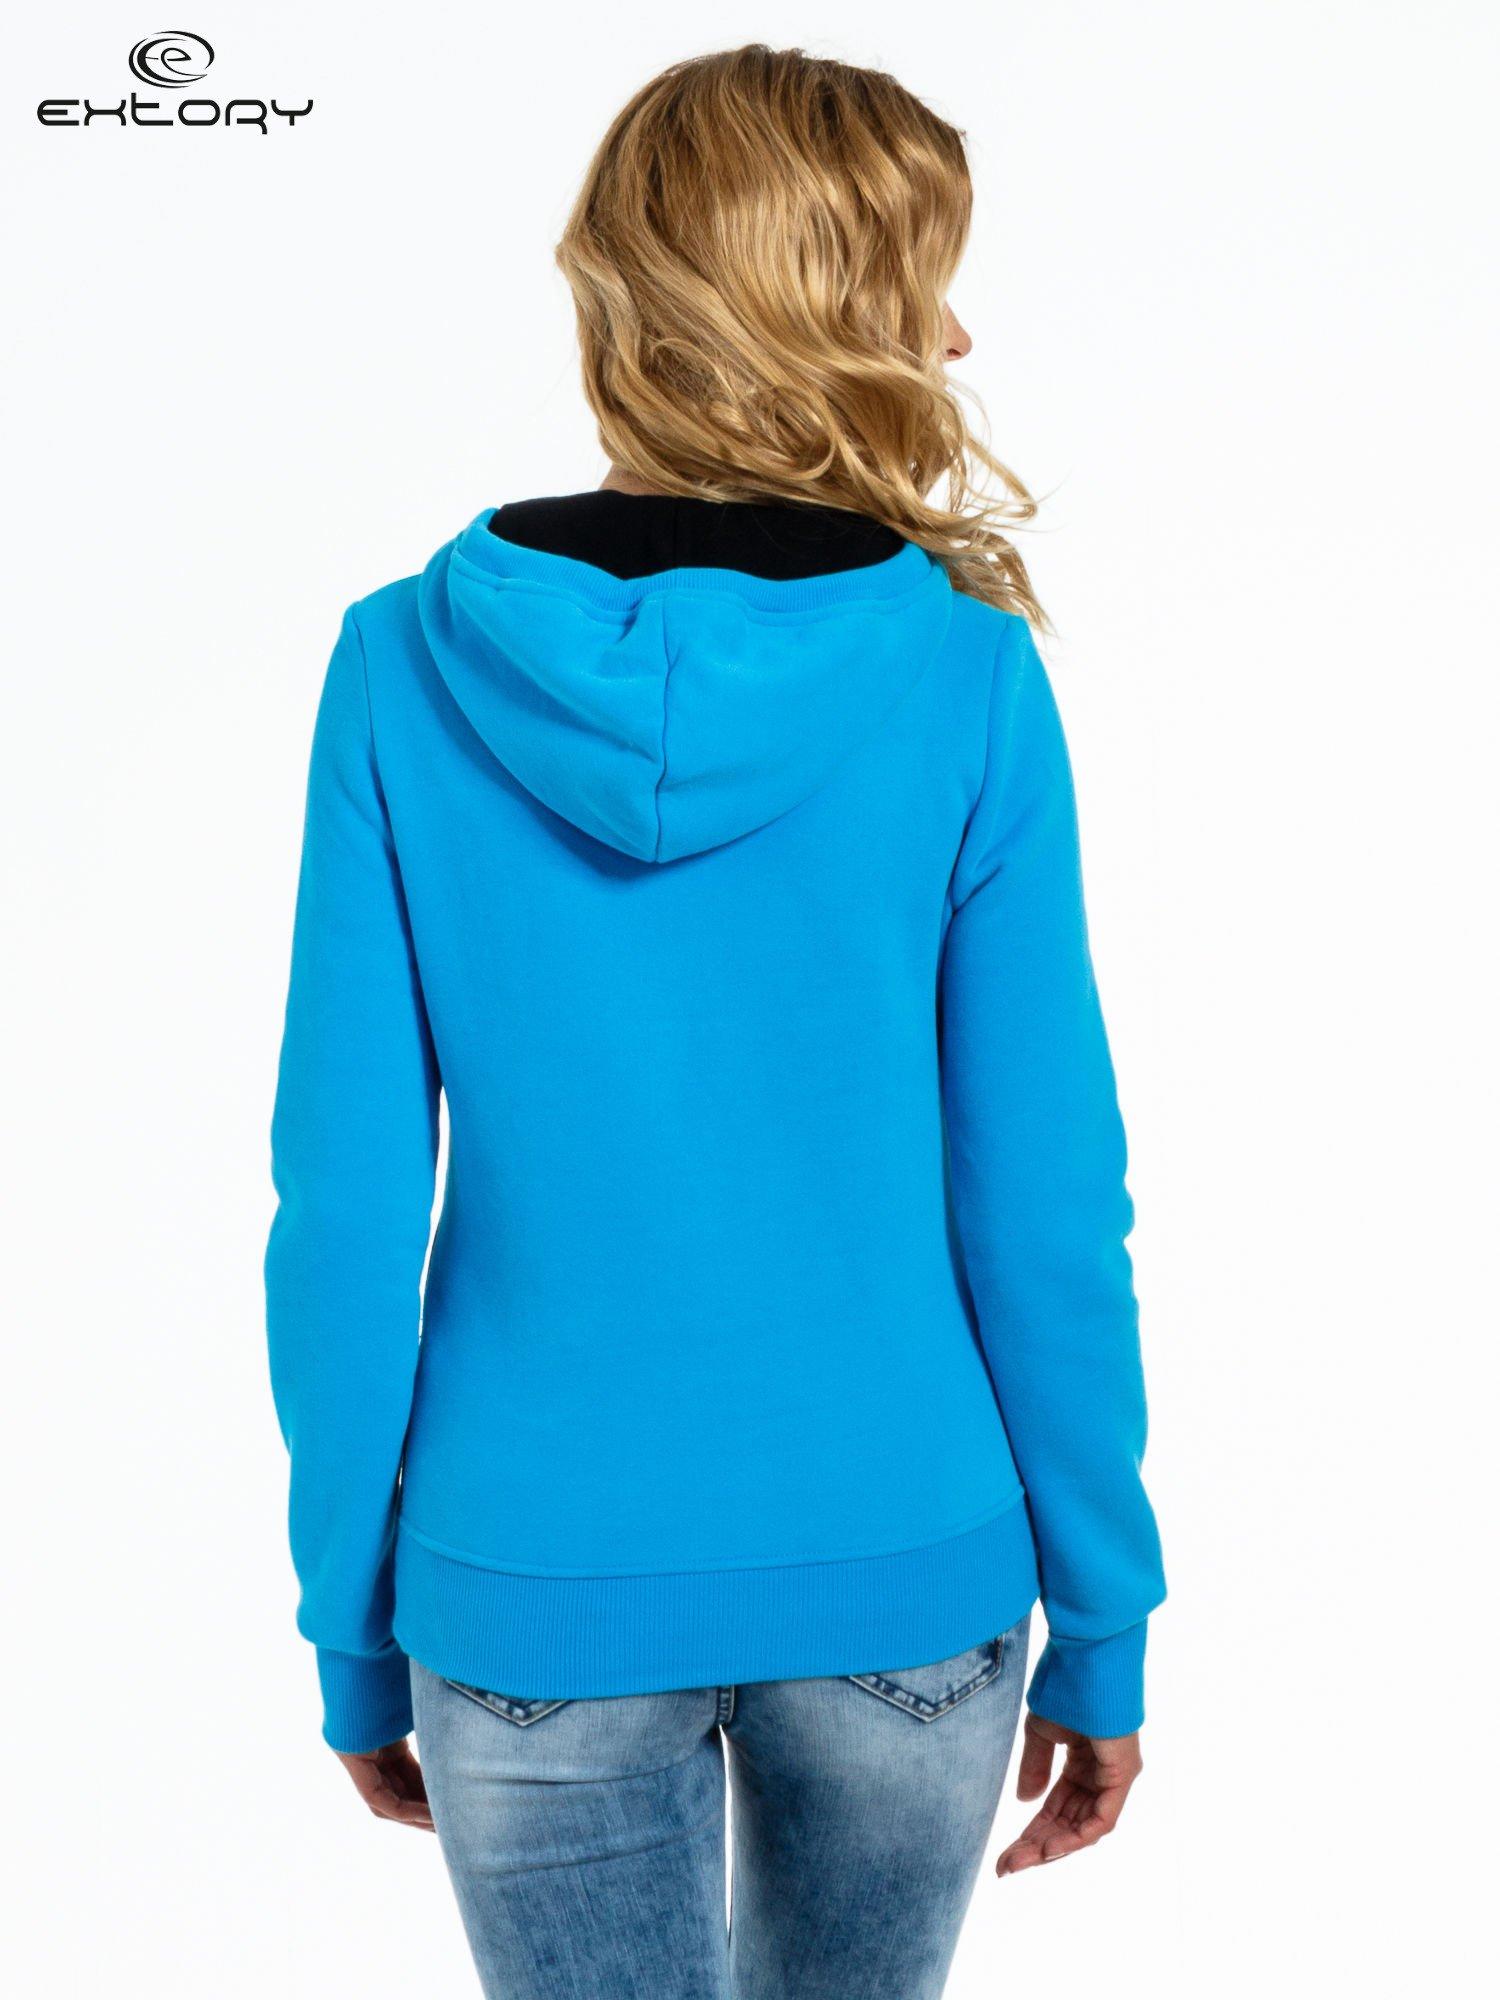 Niebieska bluza sportowa z kapturem i koronką                                  zdj.                                  4